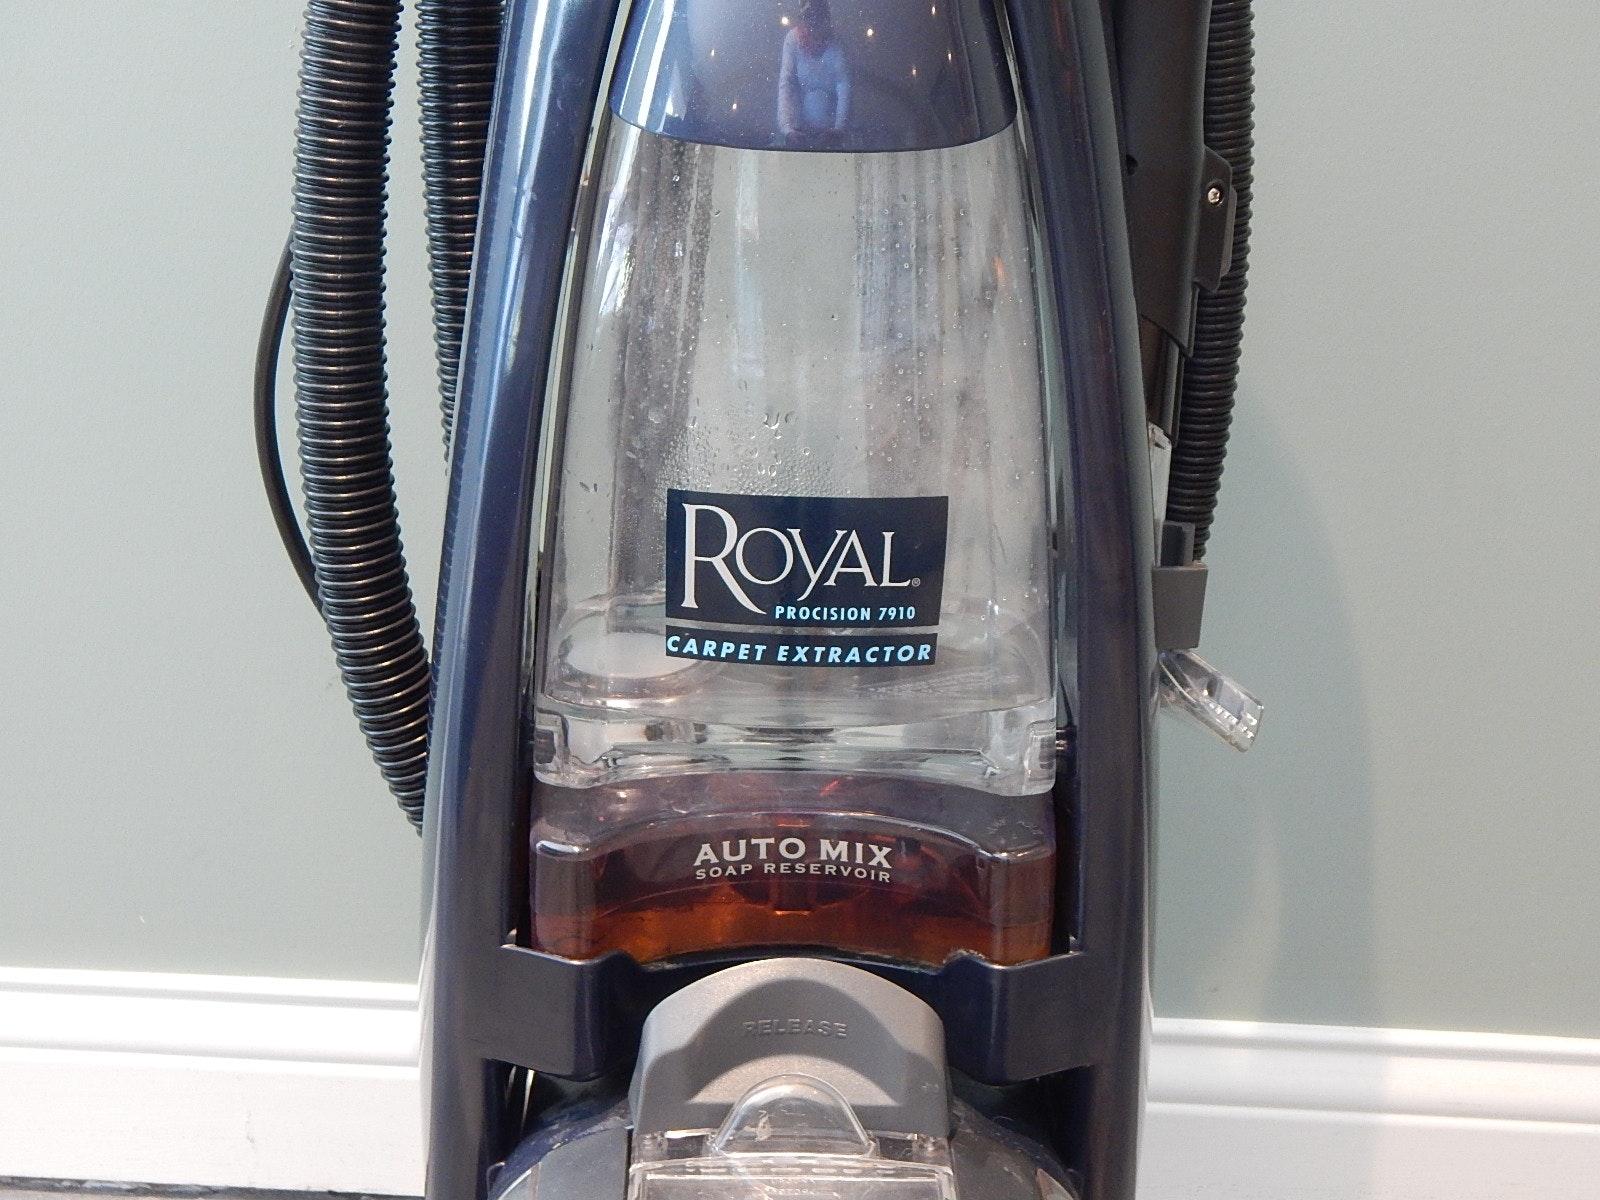 Royal Carpet Cleaner Ry7910 Ebth